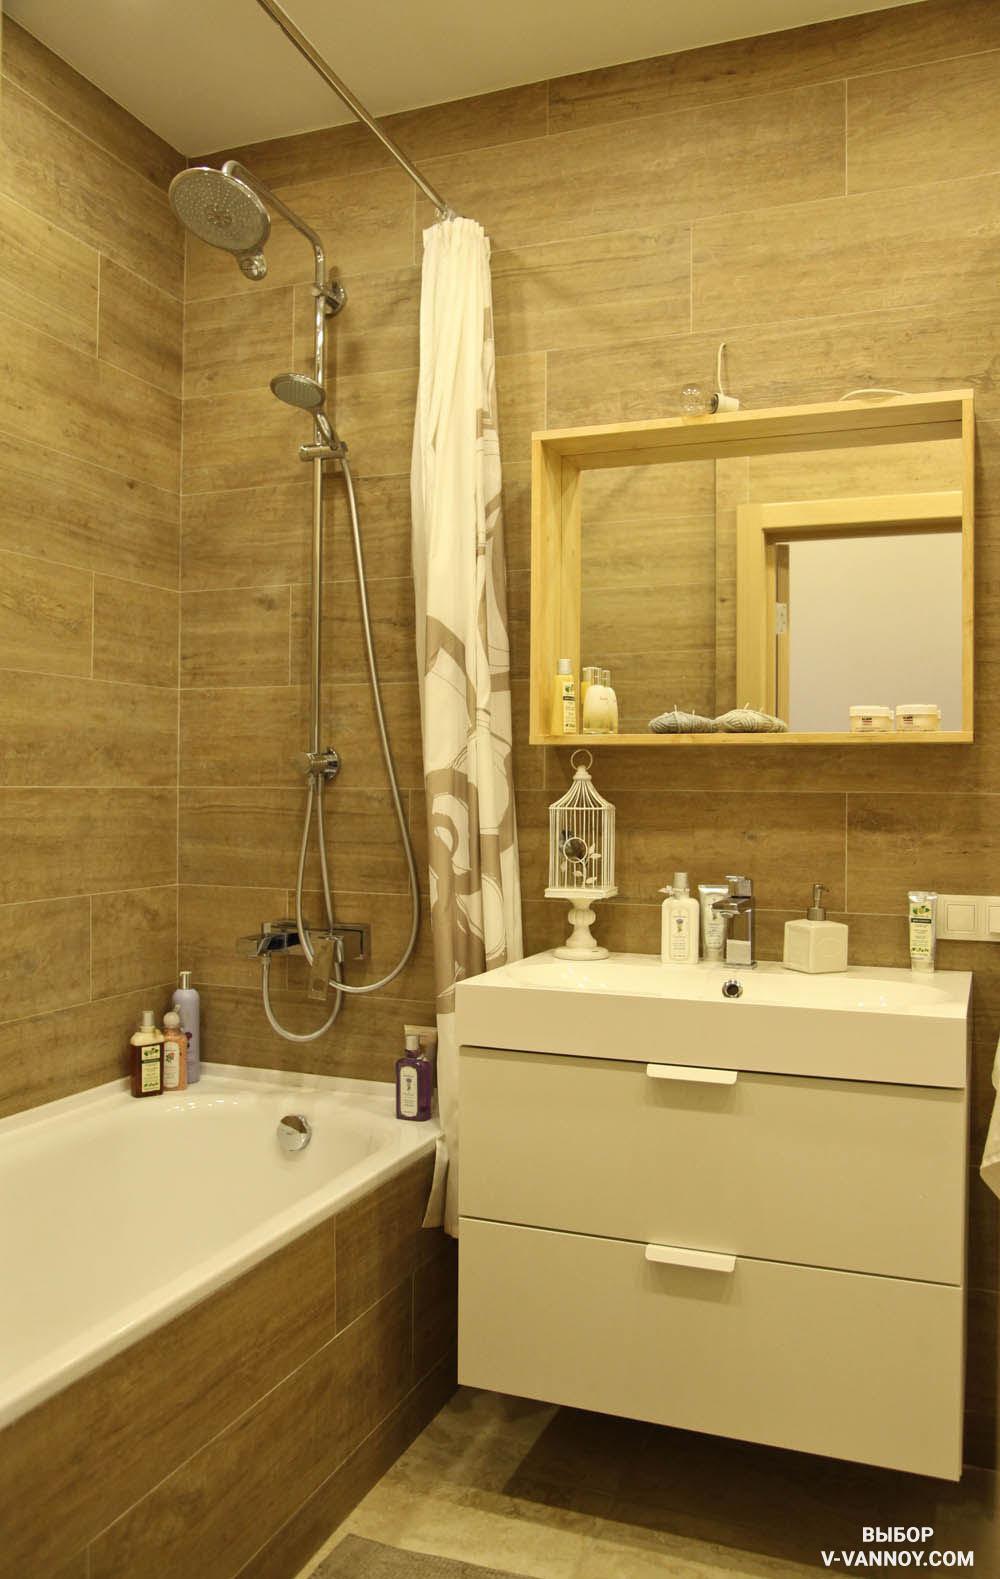 Ванная комната облицовка плиткой купить смеситель для душевой кабины екатеринбург